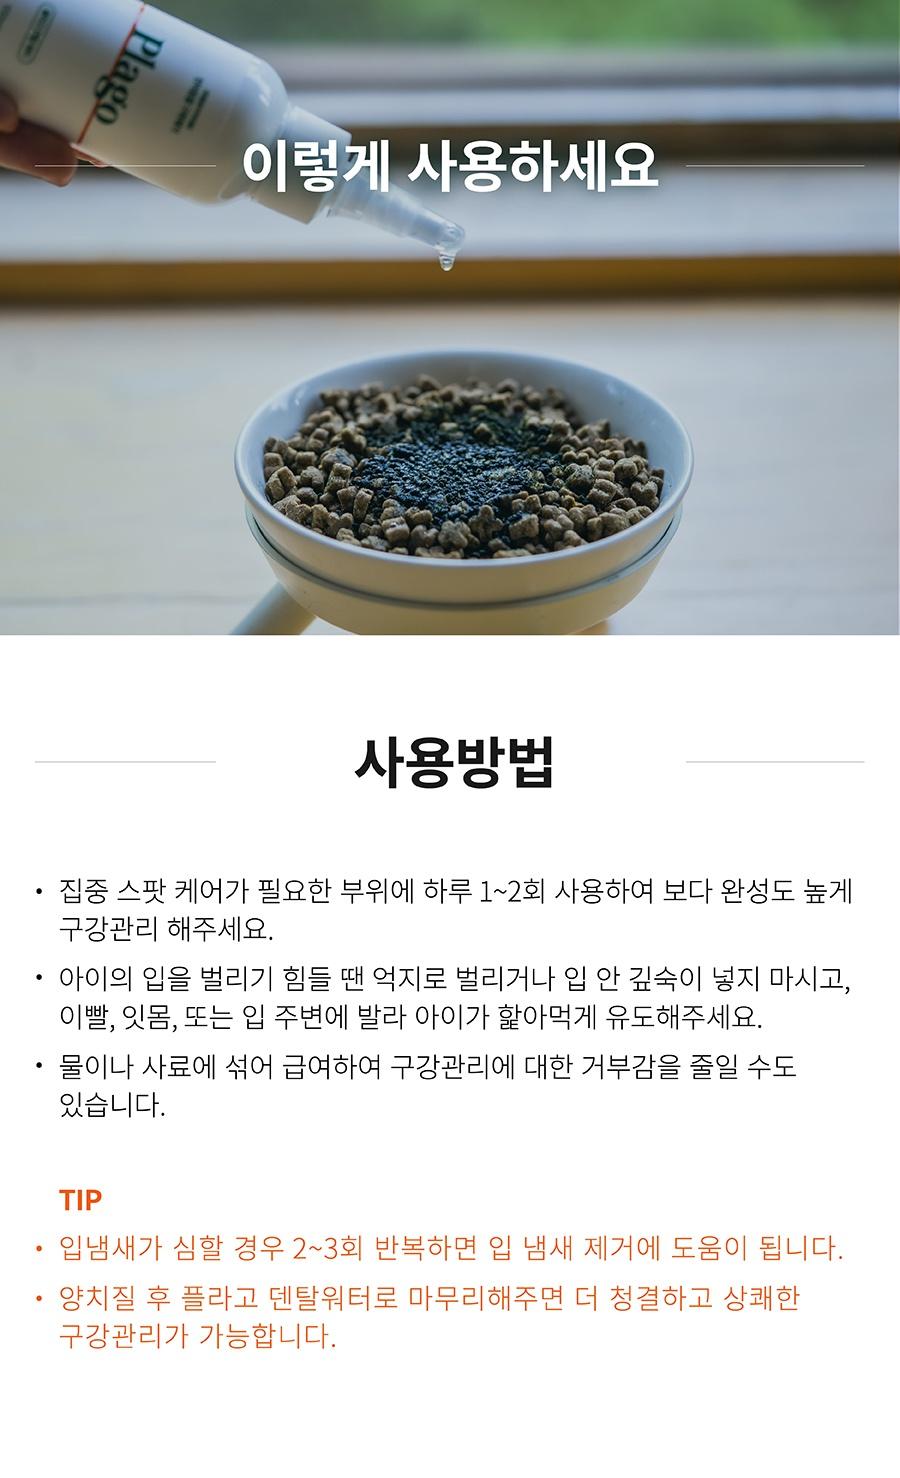 [리뉴얼 전] 플라고 덴탈워터 (100ml)-상품이미지-5